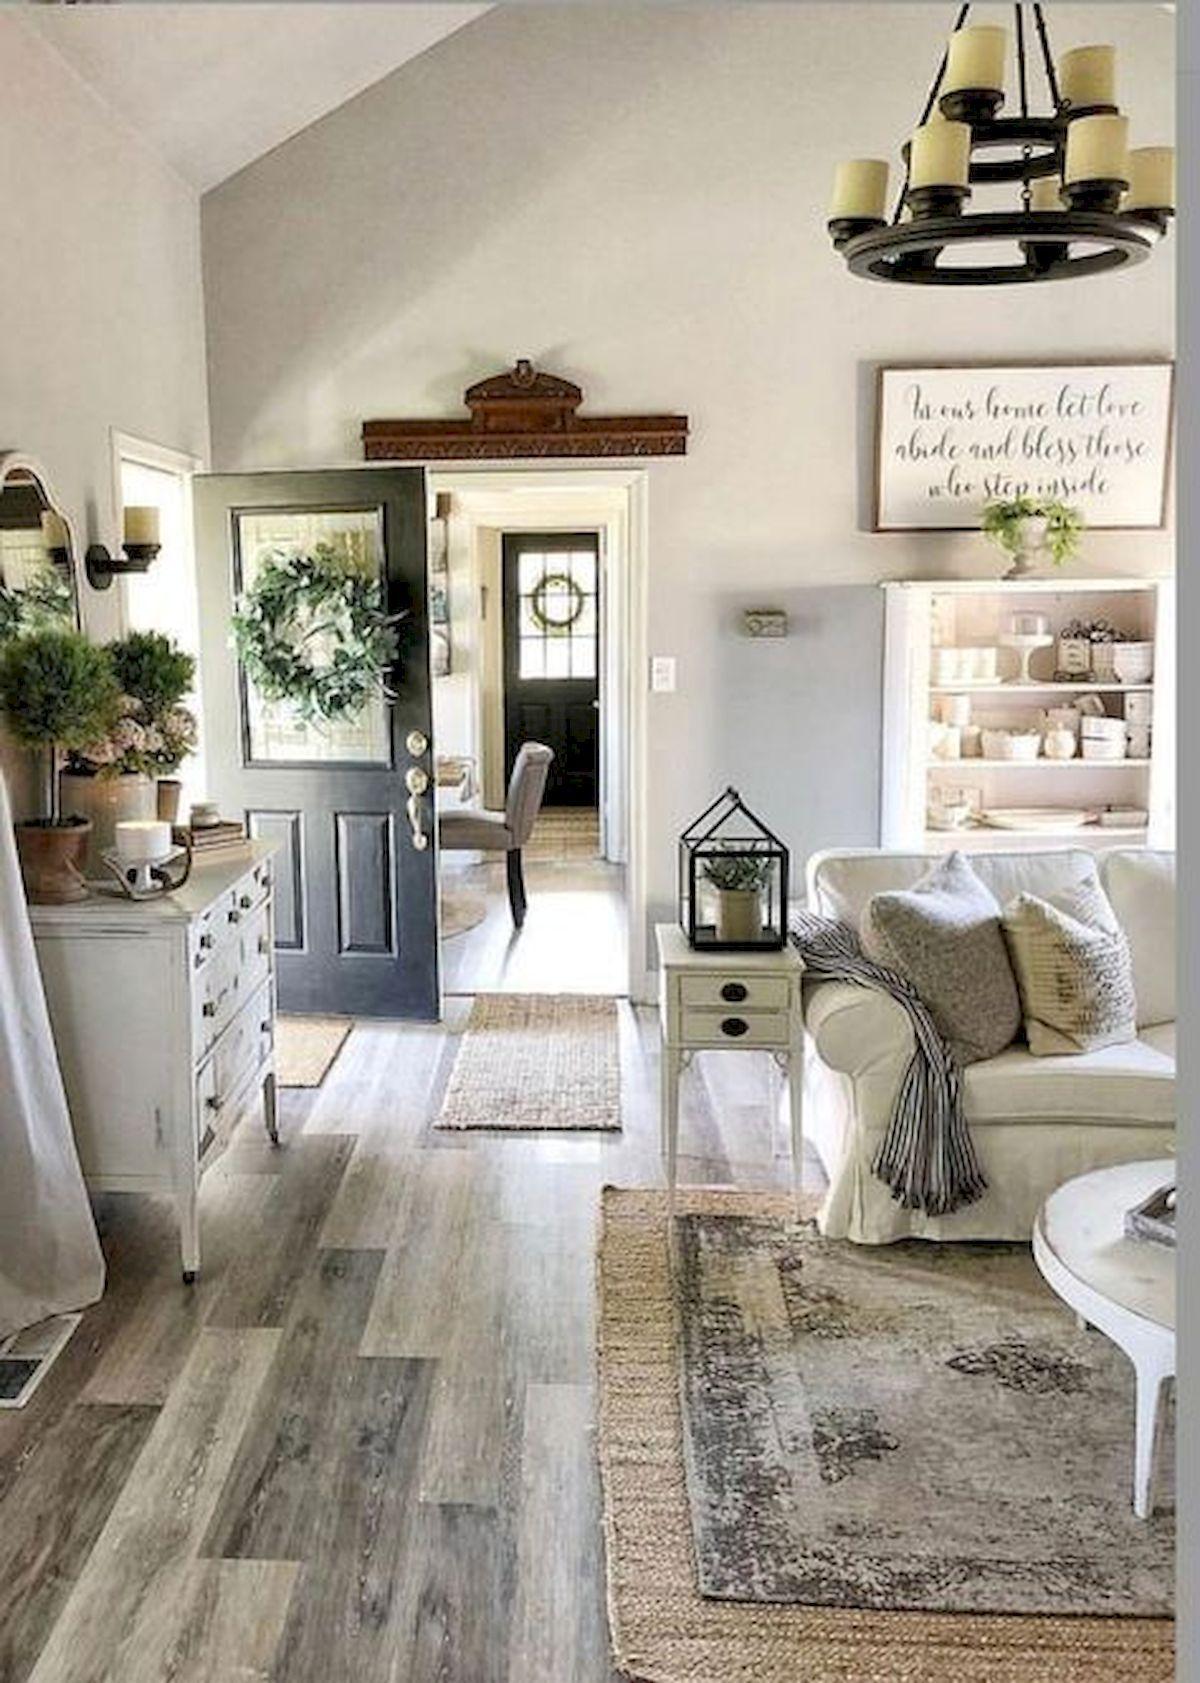 33 farmhouse living room flooring ideas home decor home decor rh pinterest com